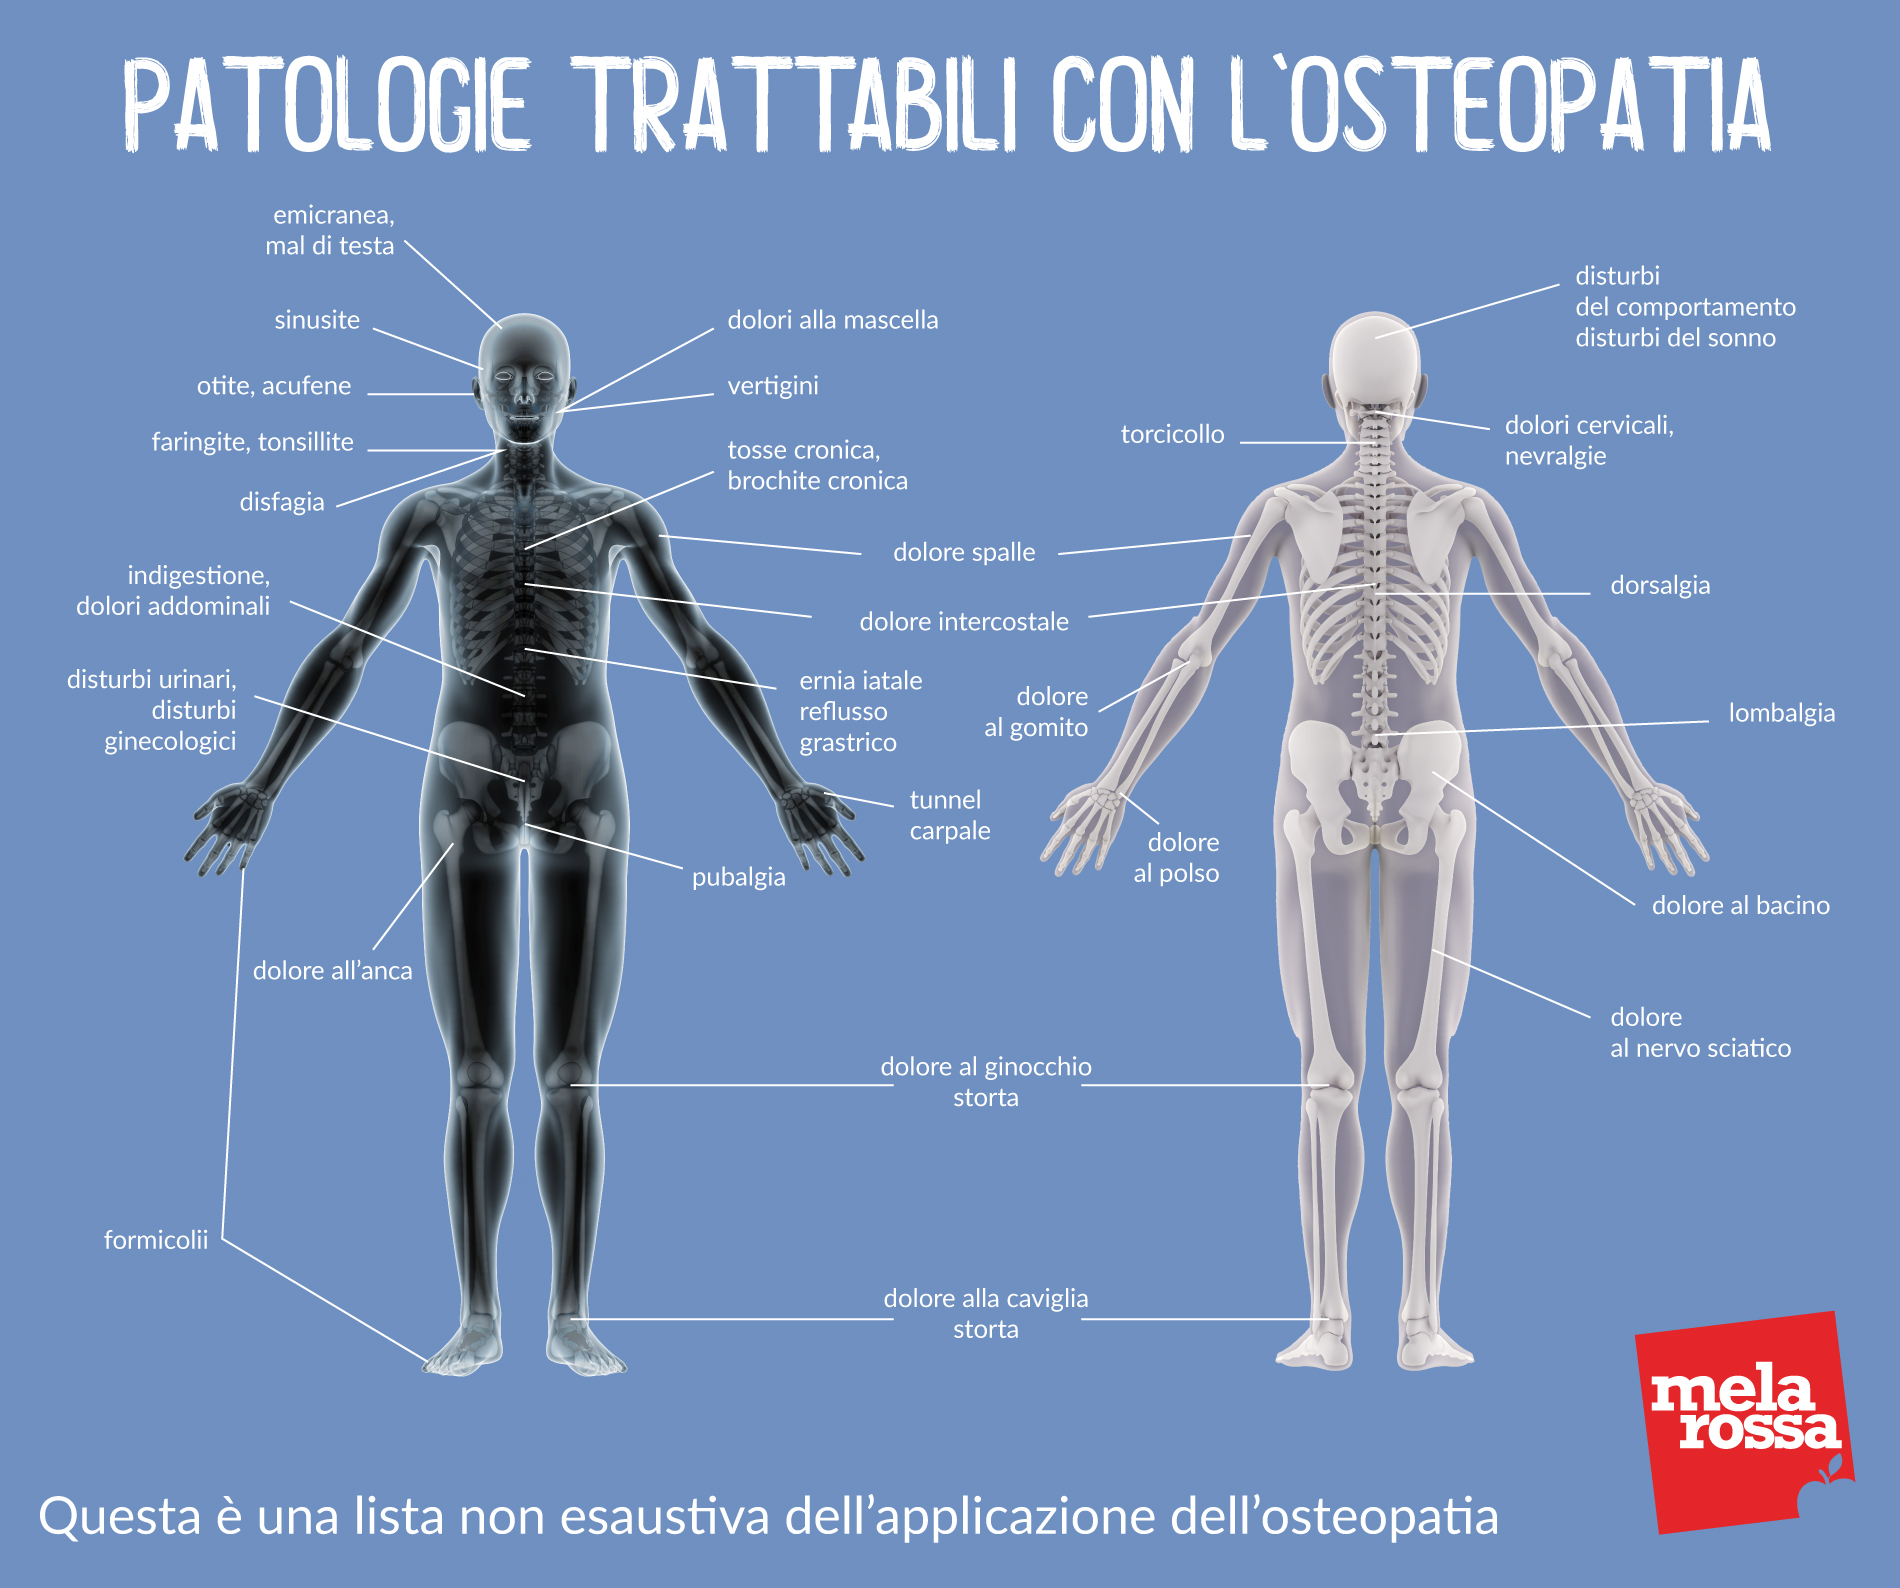 patologie trattabili con osteopatia